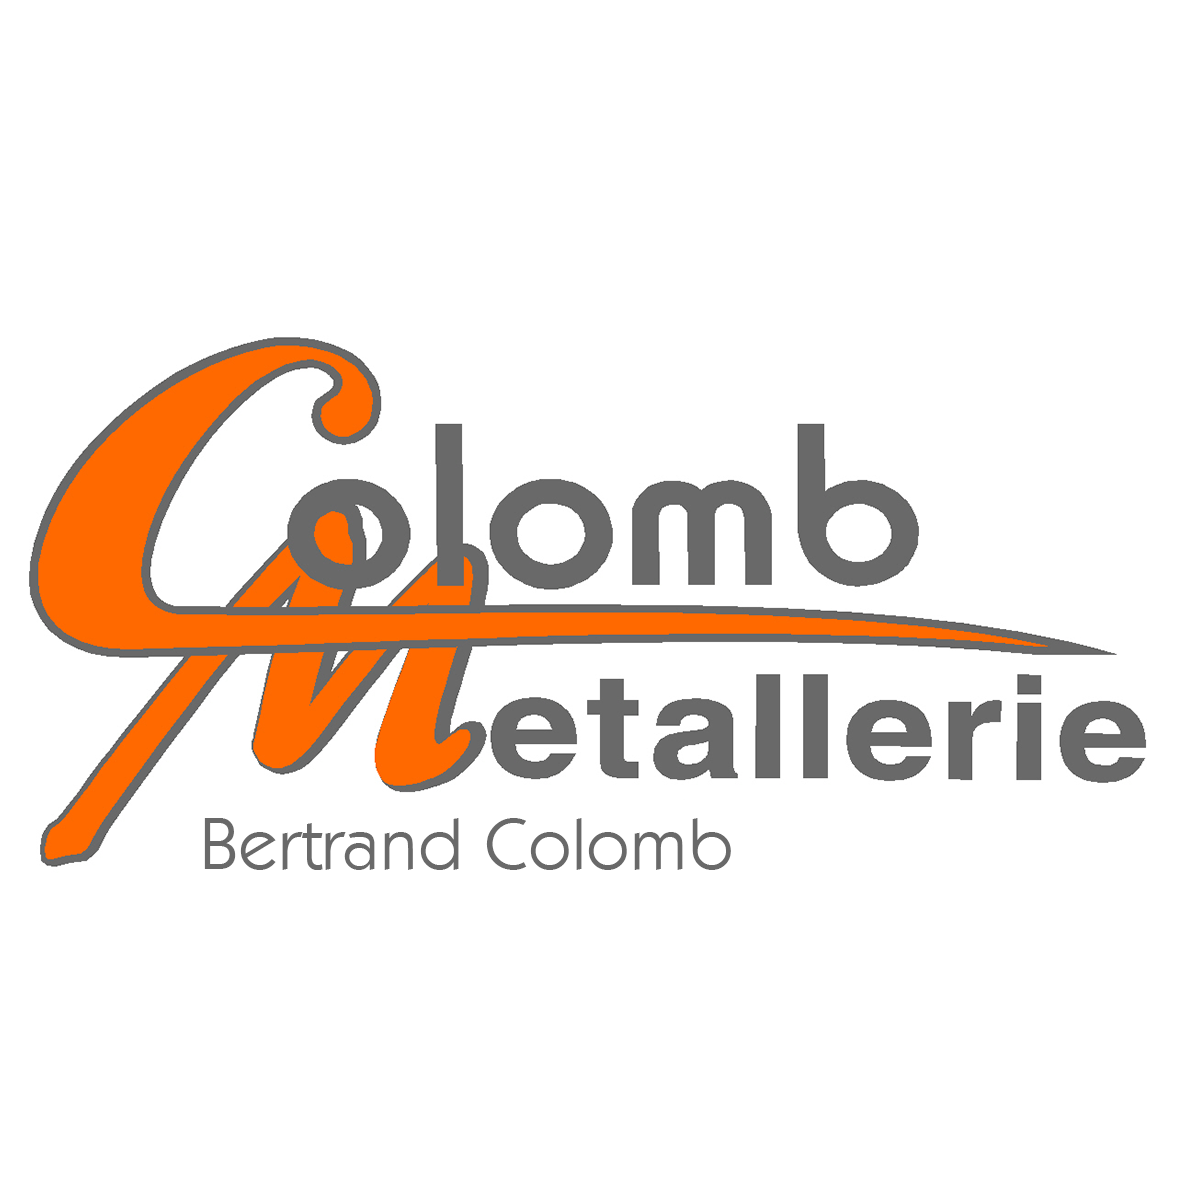 Logo de l'entreprise Colomb Métallerie